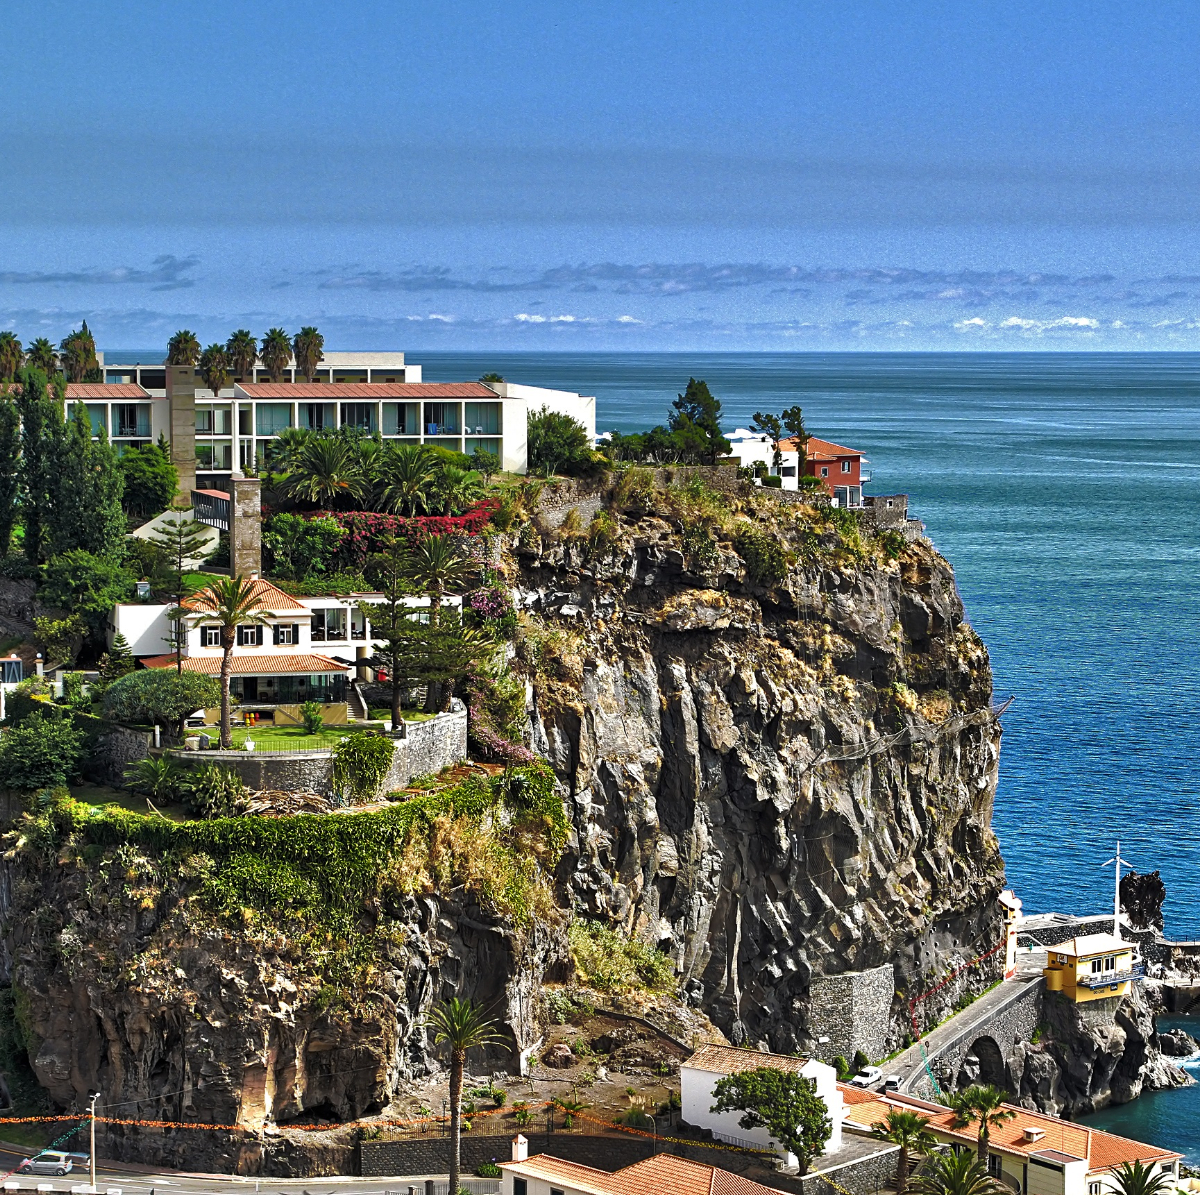 Ponta do sol auf Madeira (2)